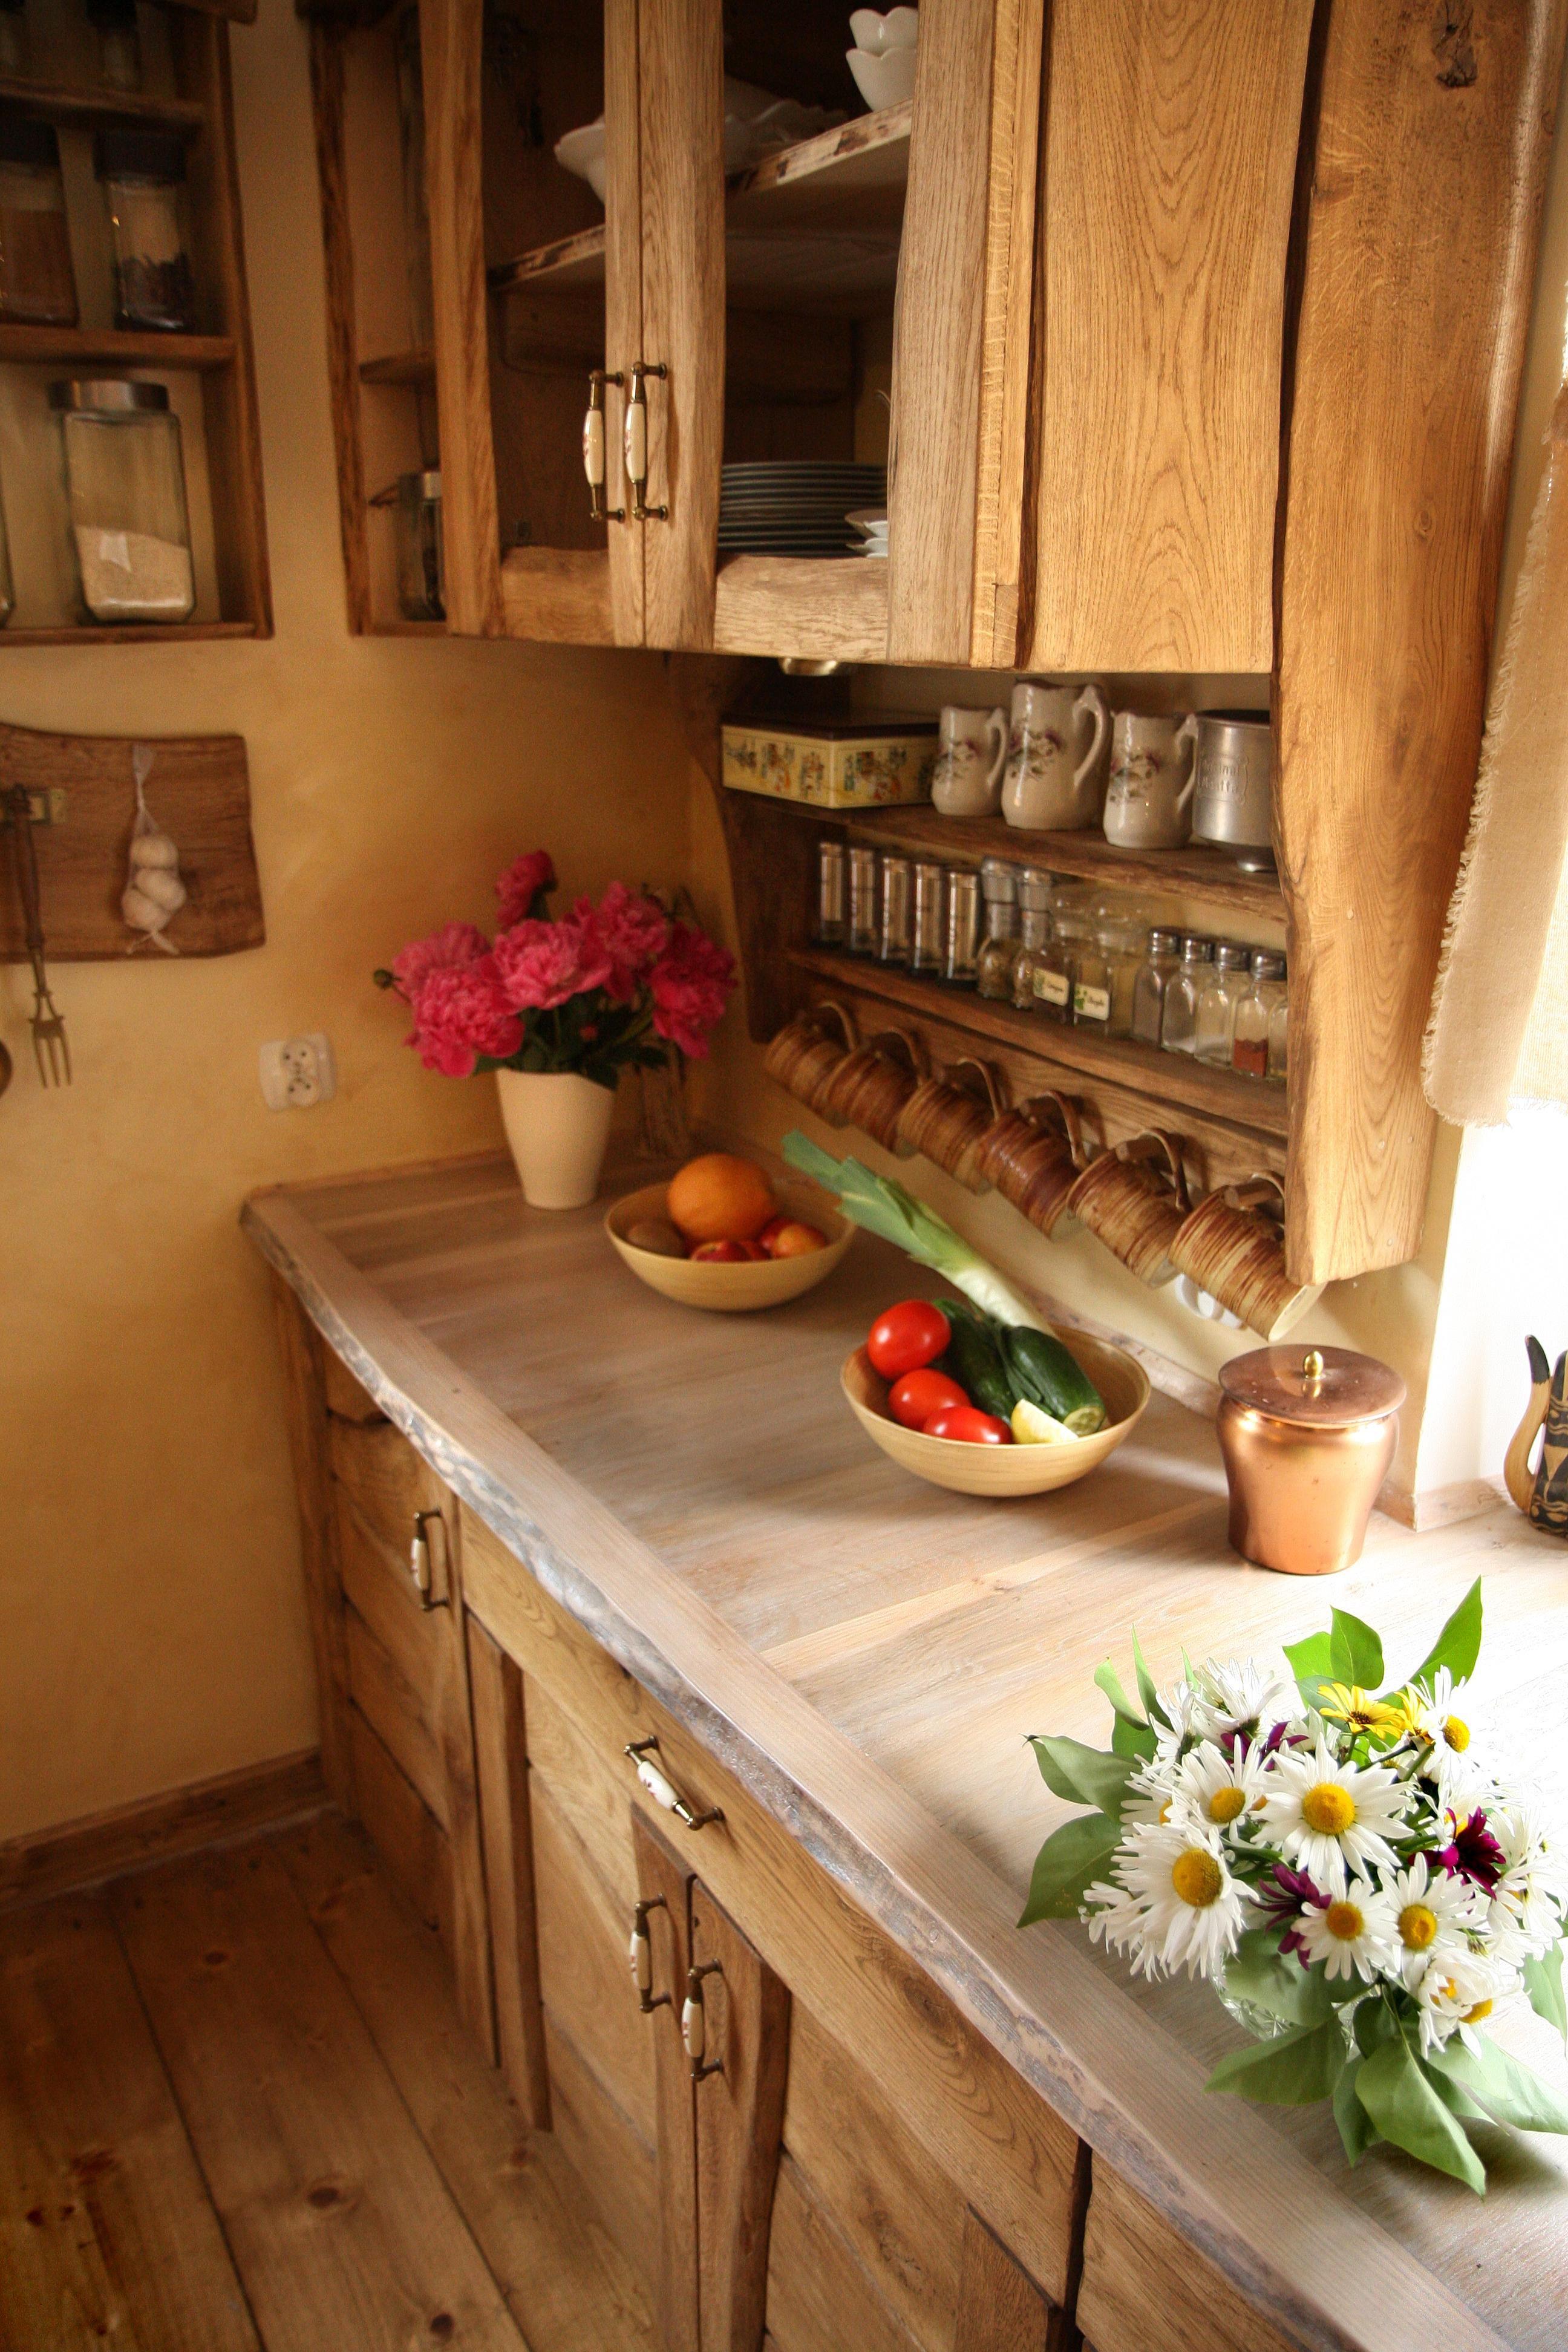 holzk che wood kitchen ideen rund ums haus pinterest holzk che k che und wohnen. Black Bedroom Furniture Sets. Home Design Ideas